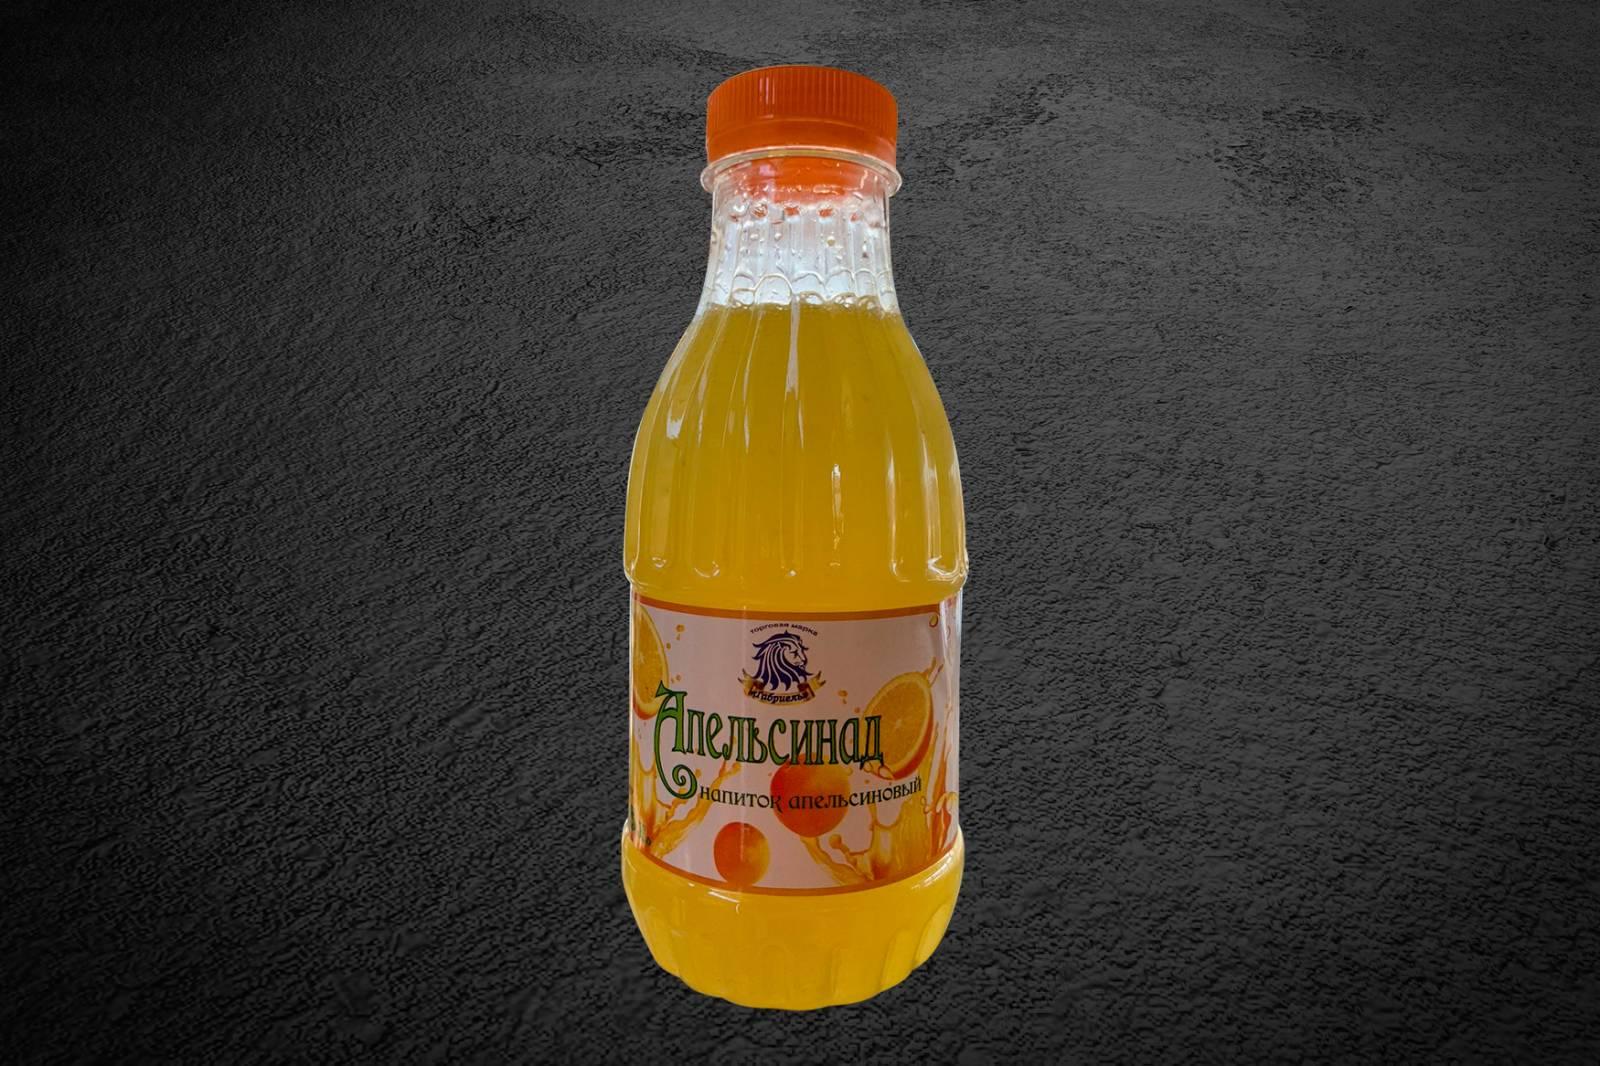 Апельсинад 500мл.